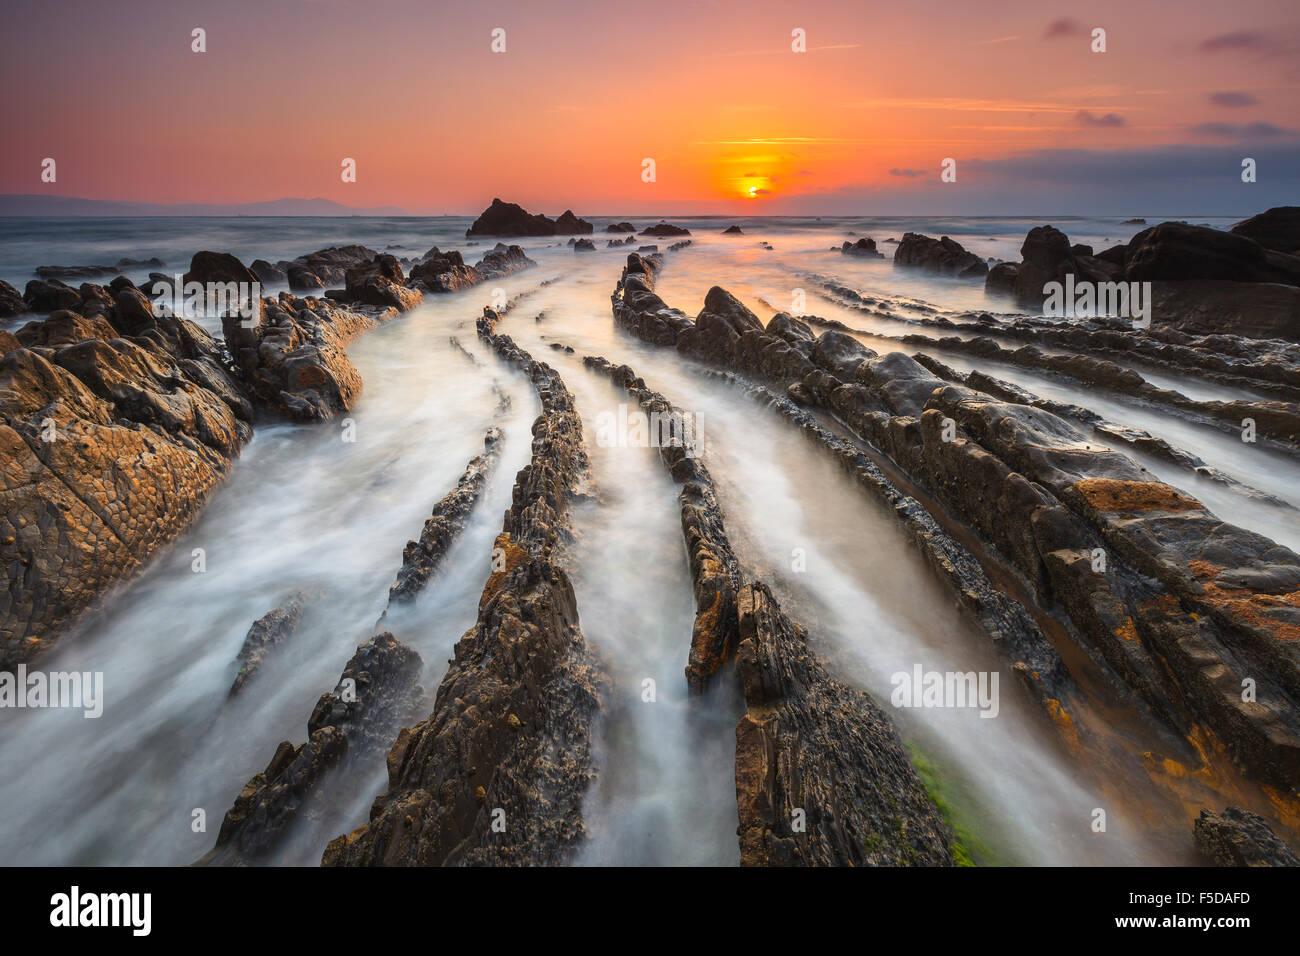 Der wunderbare Barrika Strand in Vizcaya, Baskenland, Spanien, bei Sonnenuntergang. Stockfoto